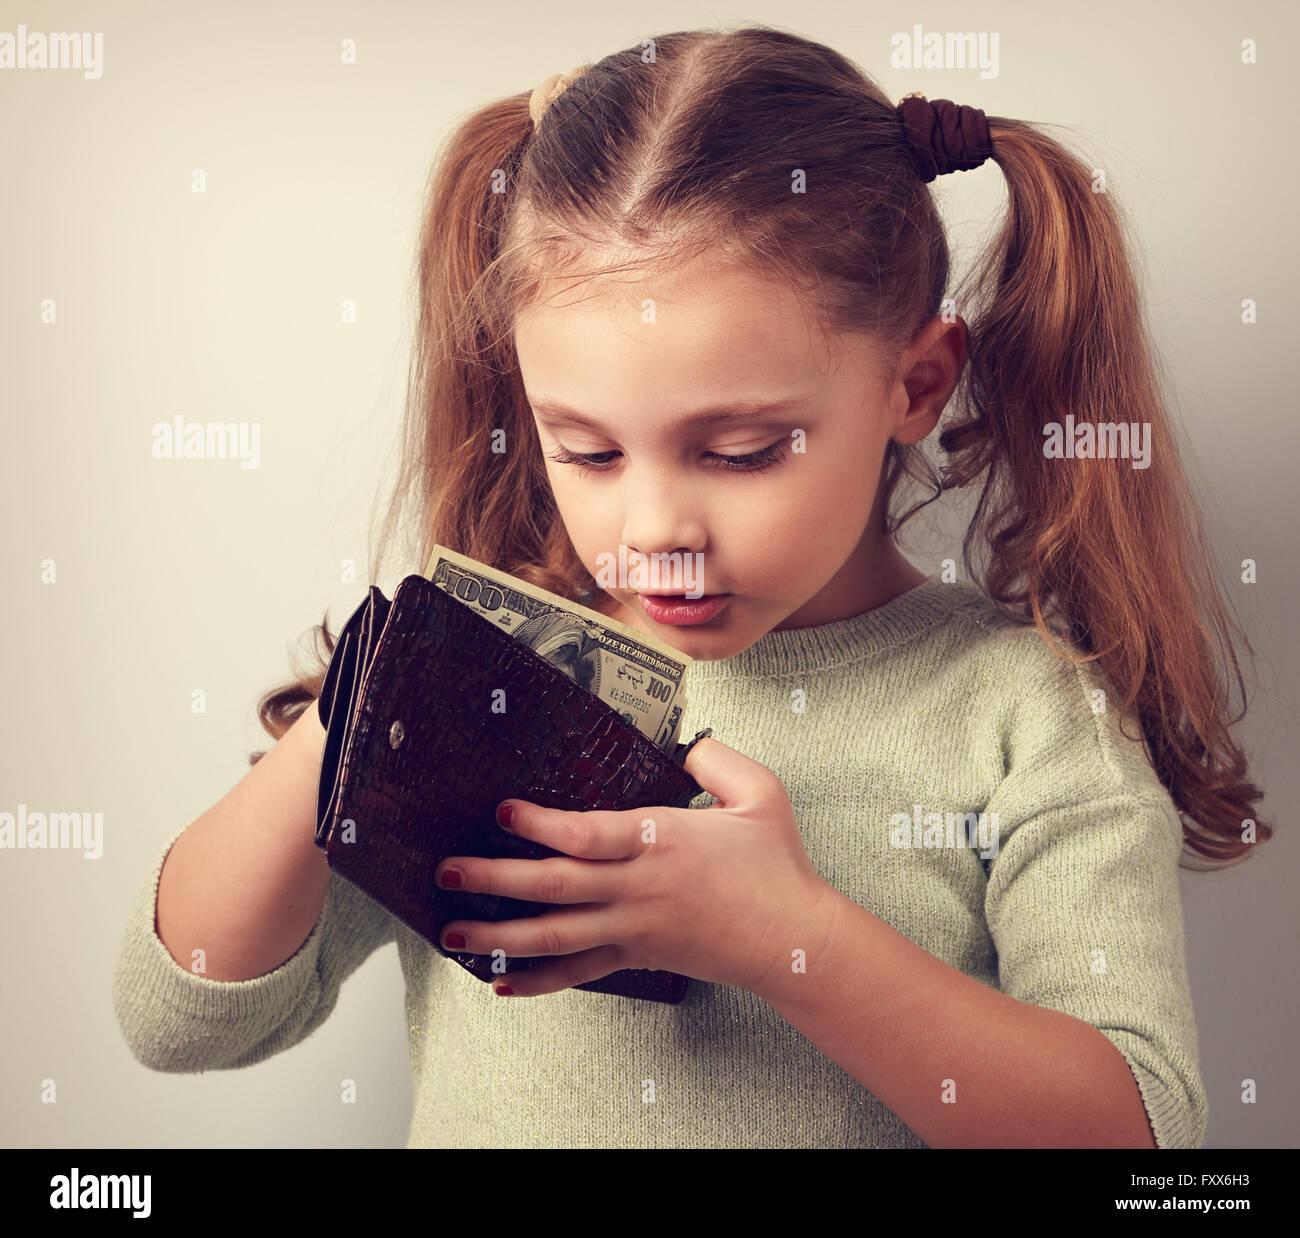 Cute surprenant petit enfant fille à la mère en portefeuille et souhaitez prendre de l'argent. Tonique Photo Stock